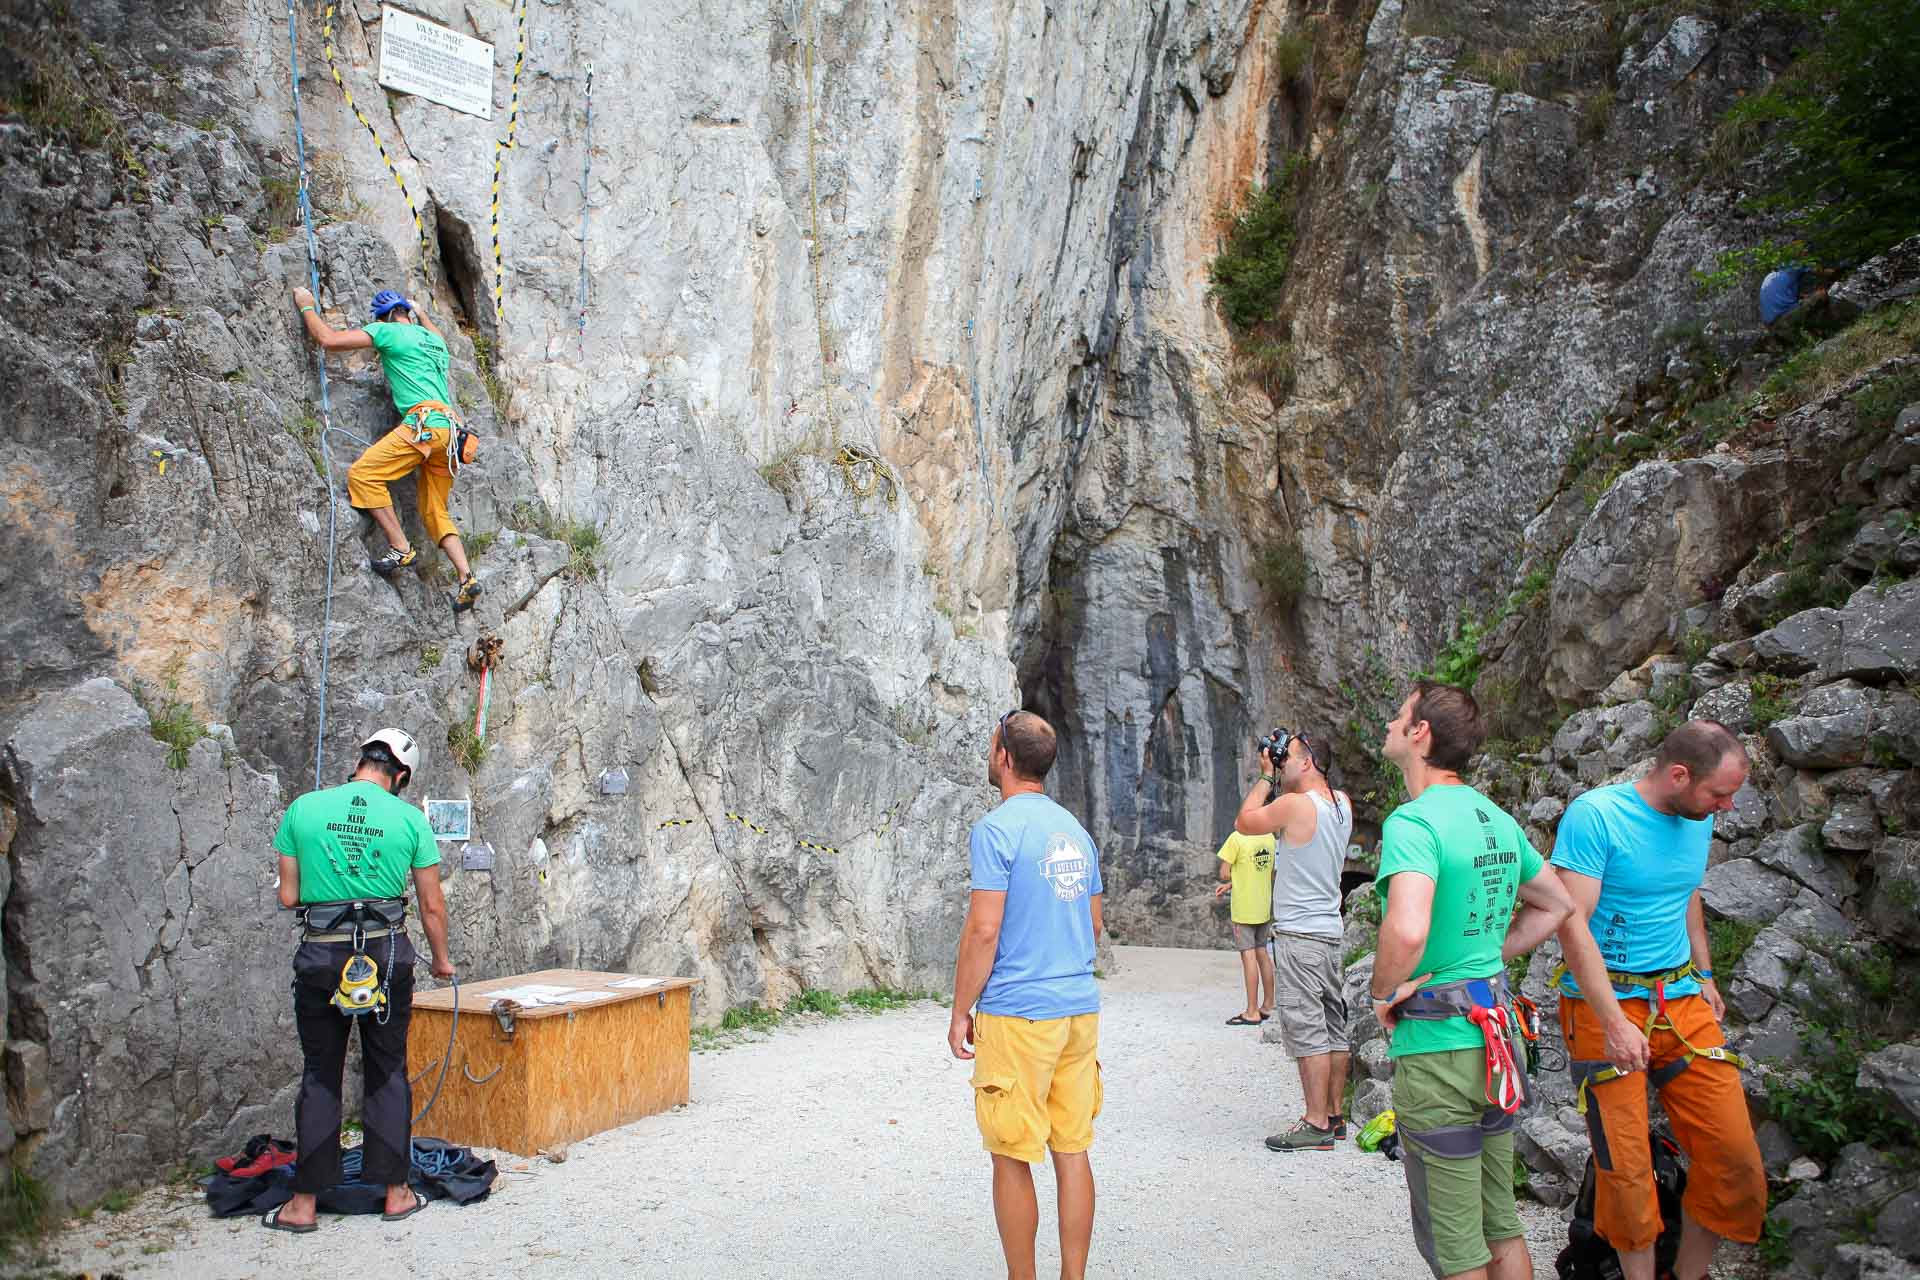 http://kolorline.hu/Fesztivál a hegymászóknak Aggtelken